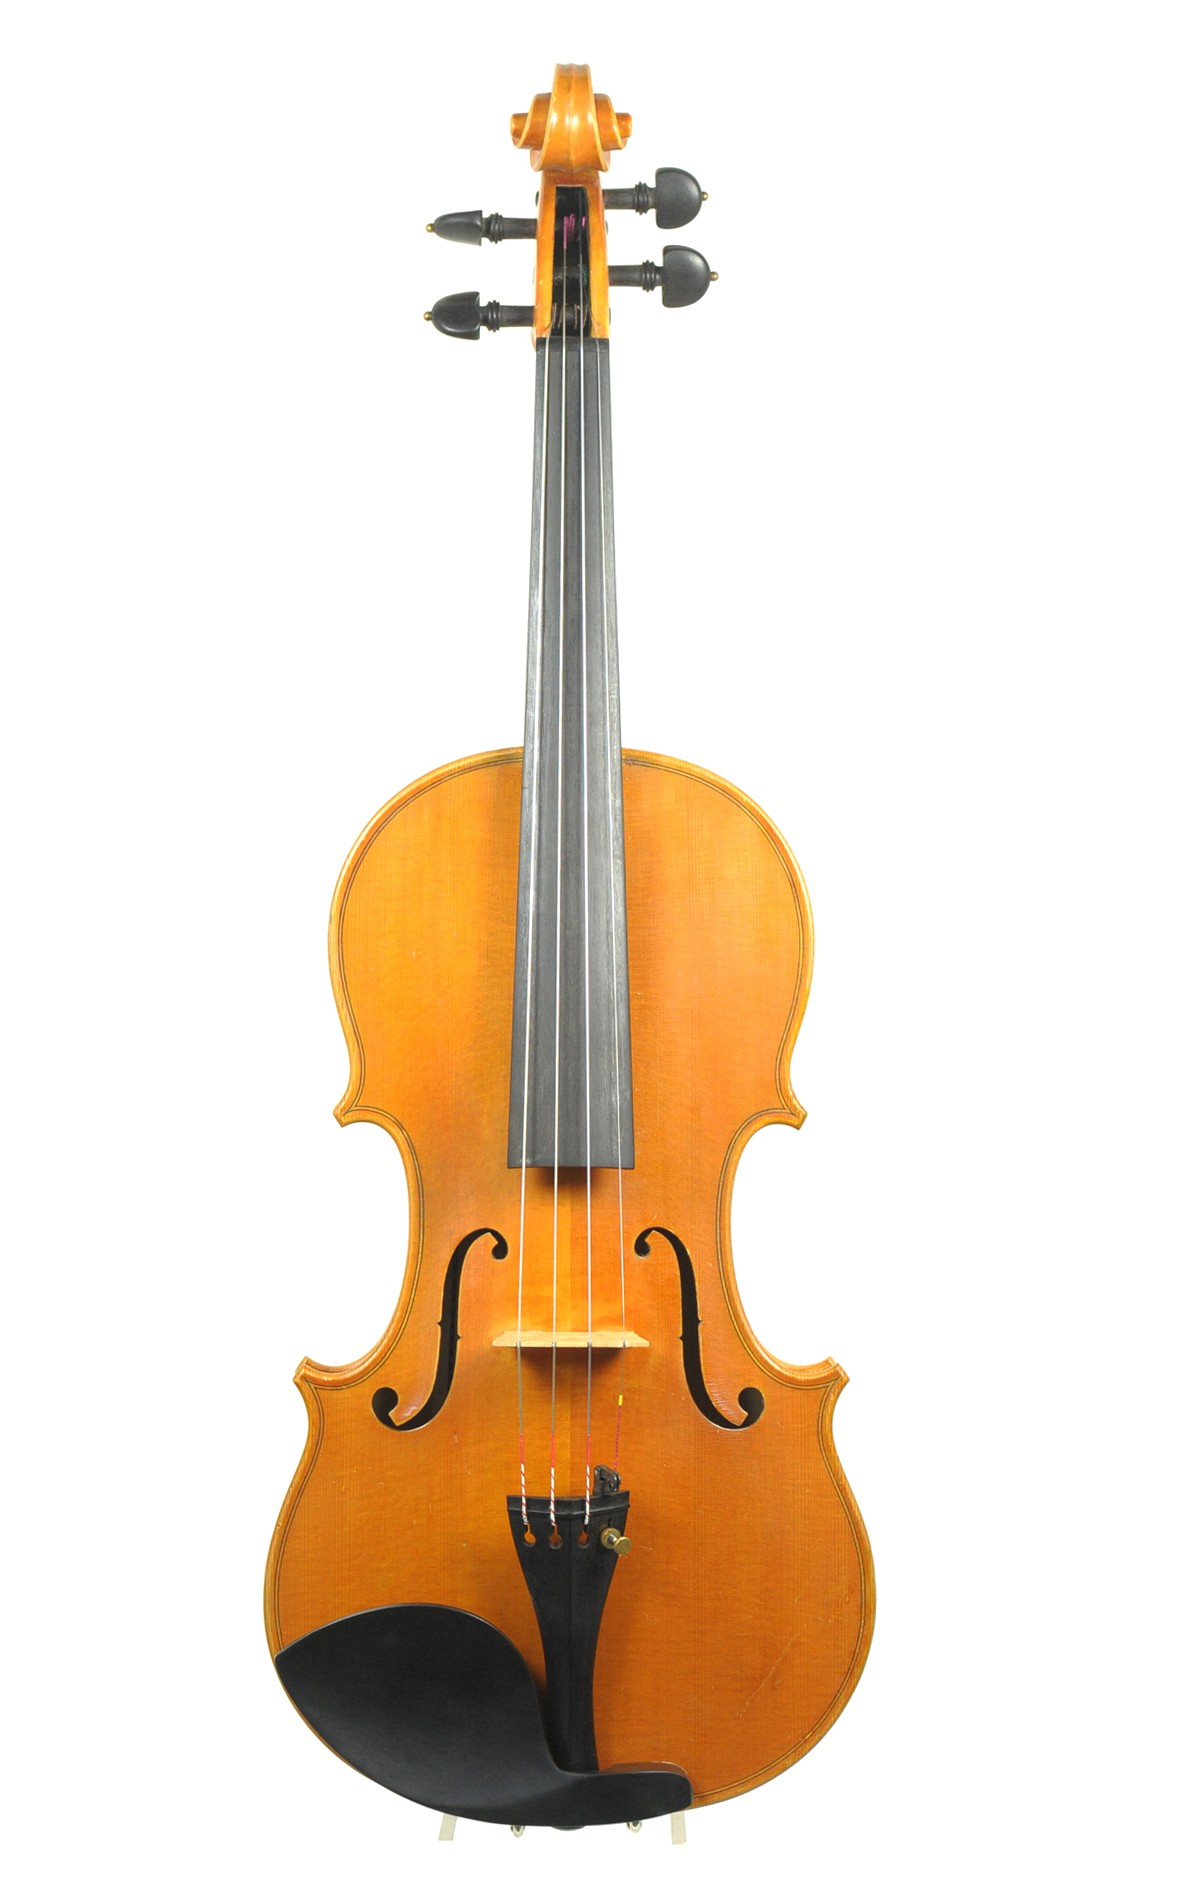 Giovanni Lazzaro, Italian violin - Padova 1990 - front view